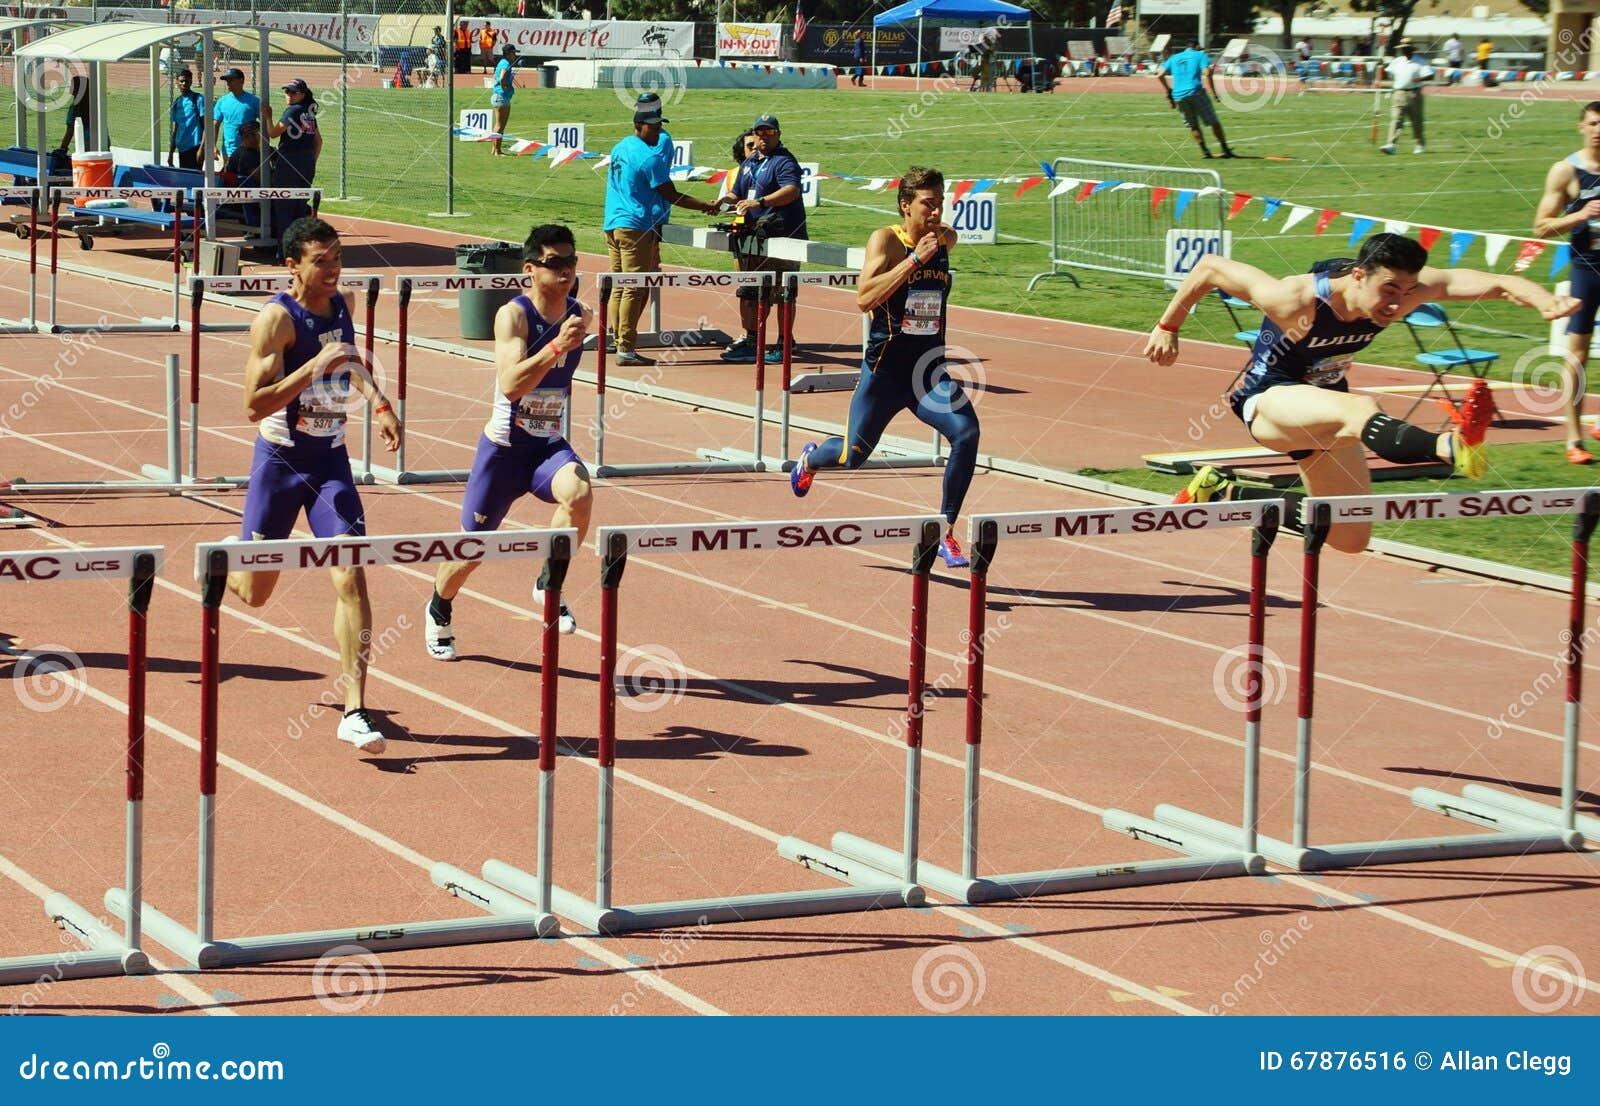 Mt 囊传递2015田径比赛, 100米高栏 前在历史的Hilmer小屋体育场将举行